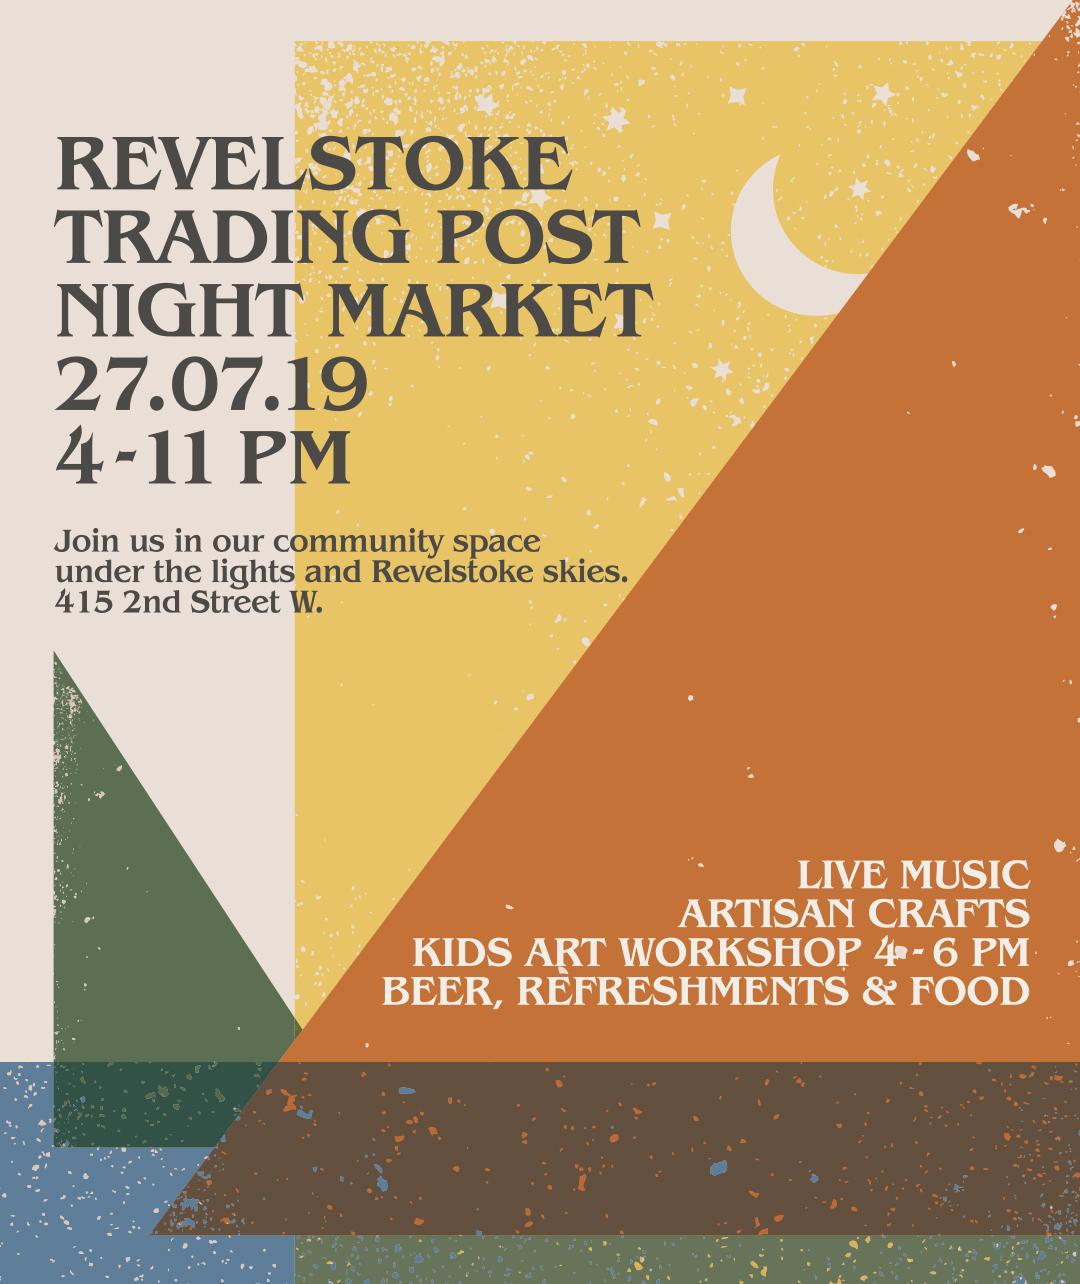 Revelstoke Trading Post Night Market @ Revelstoke Trading Post |  |  |